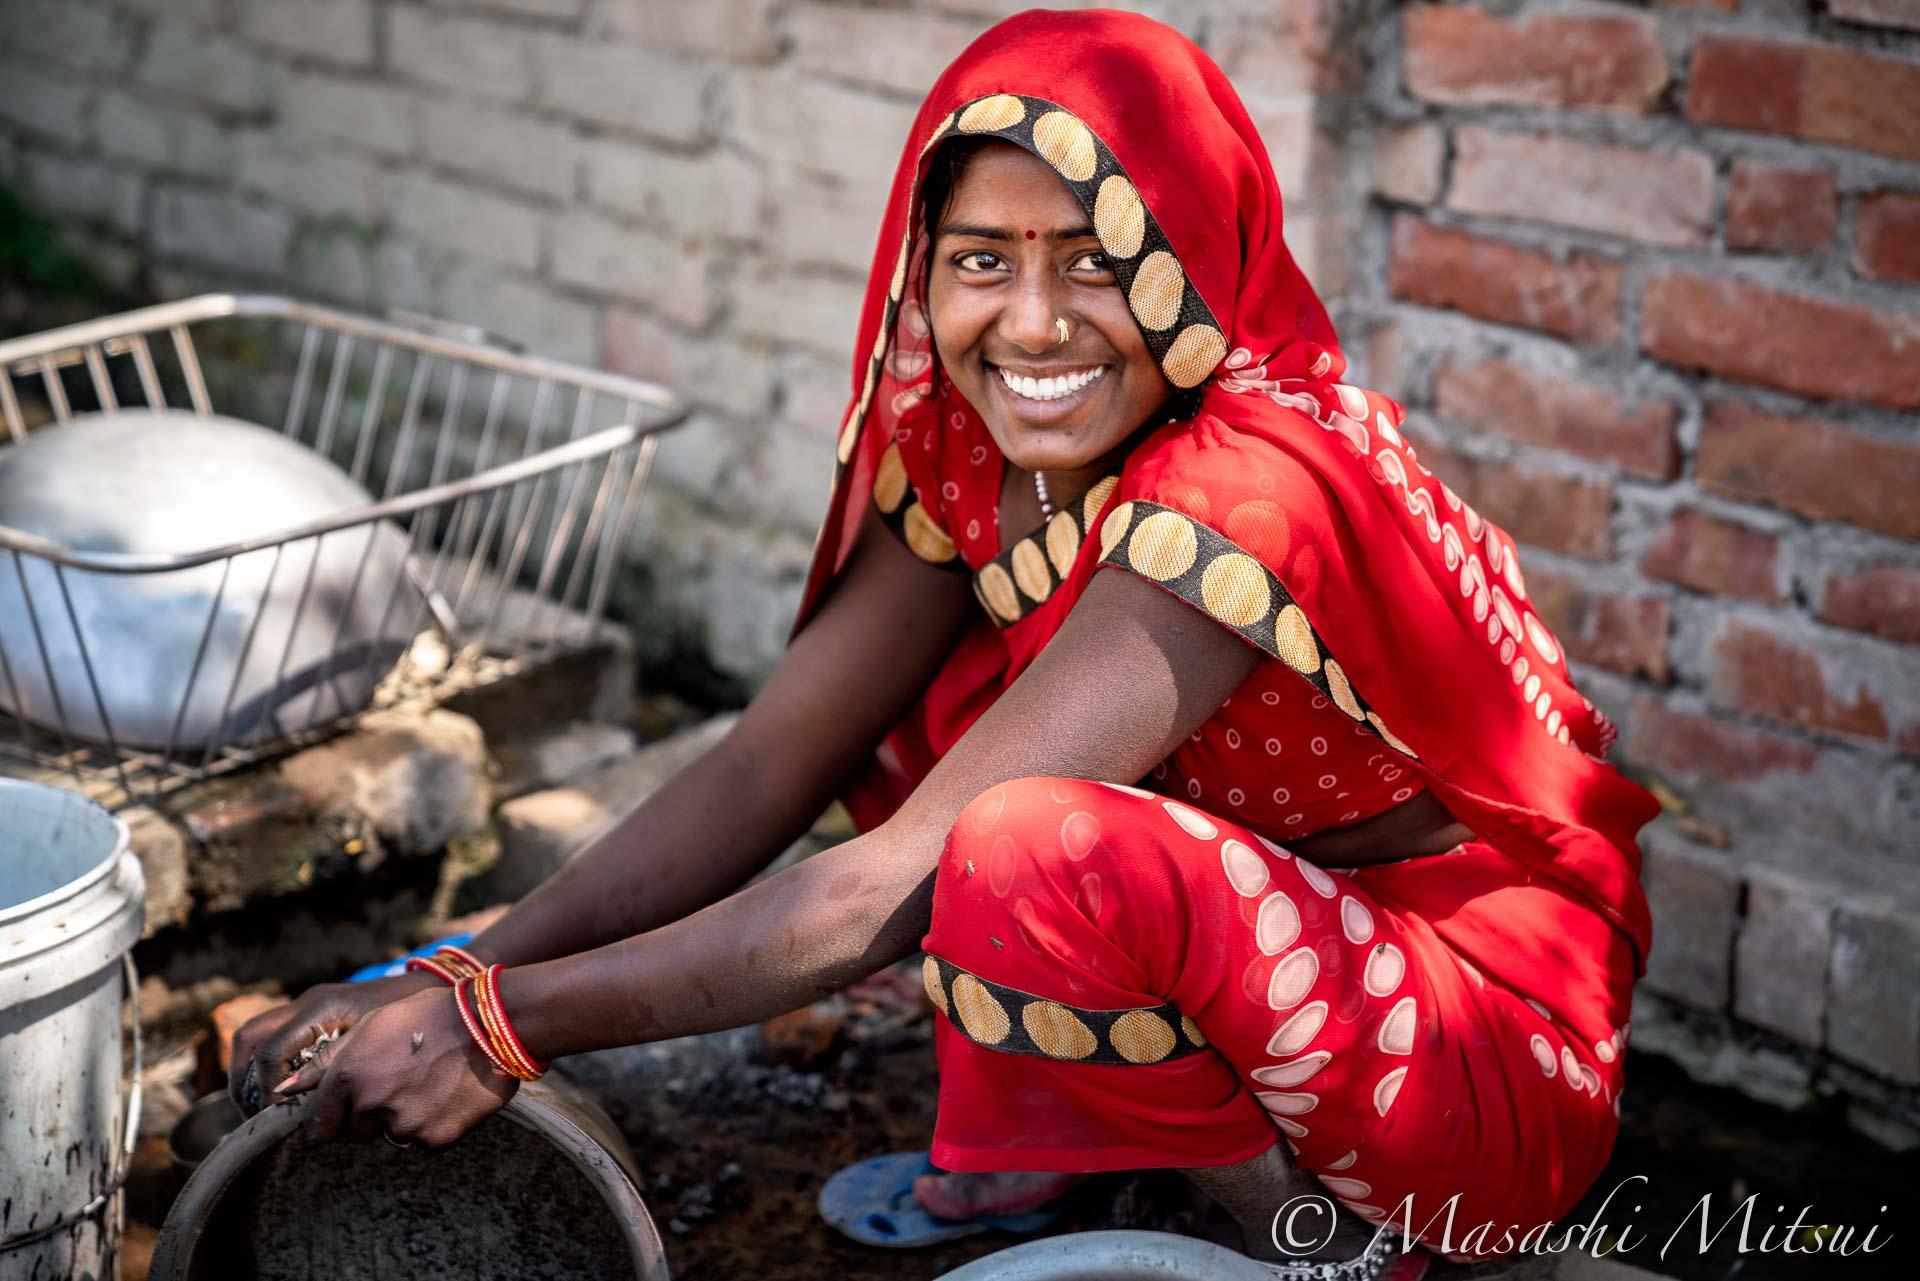 india19-98694